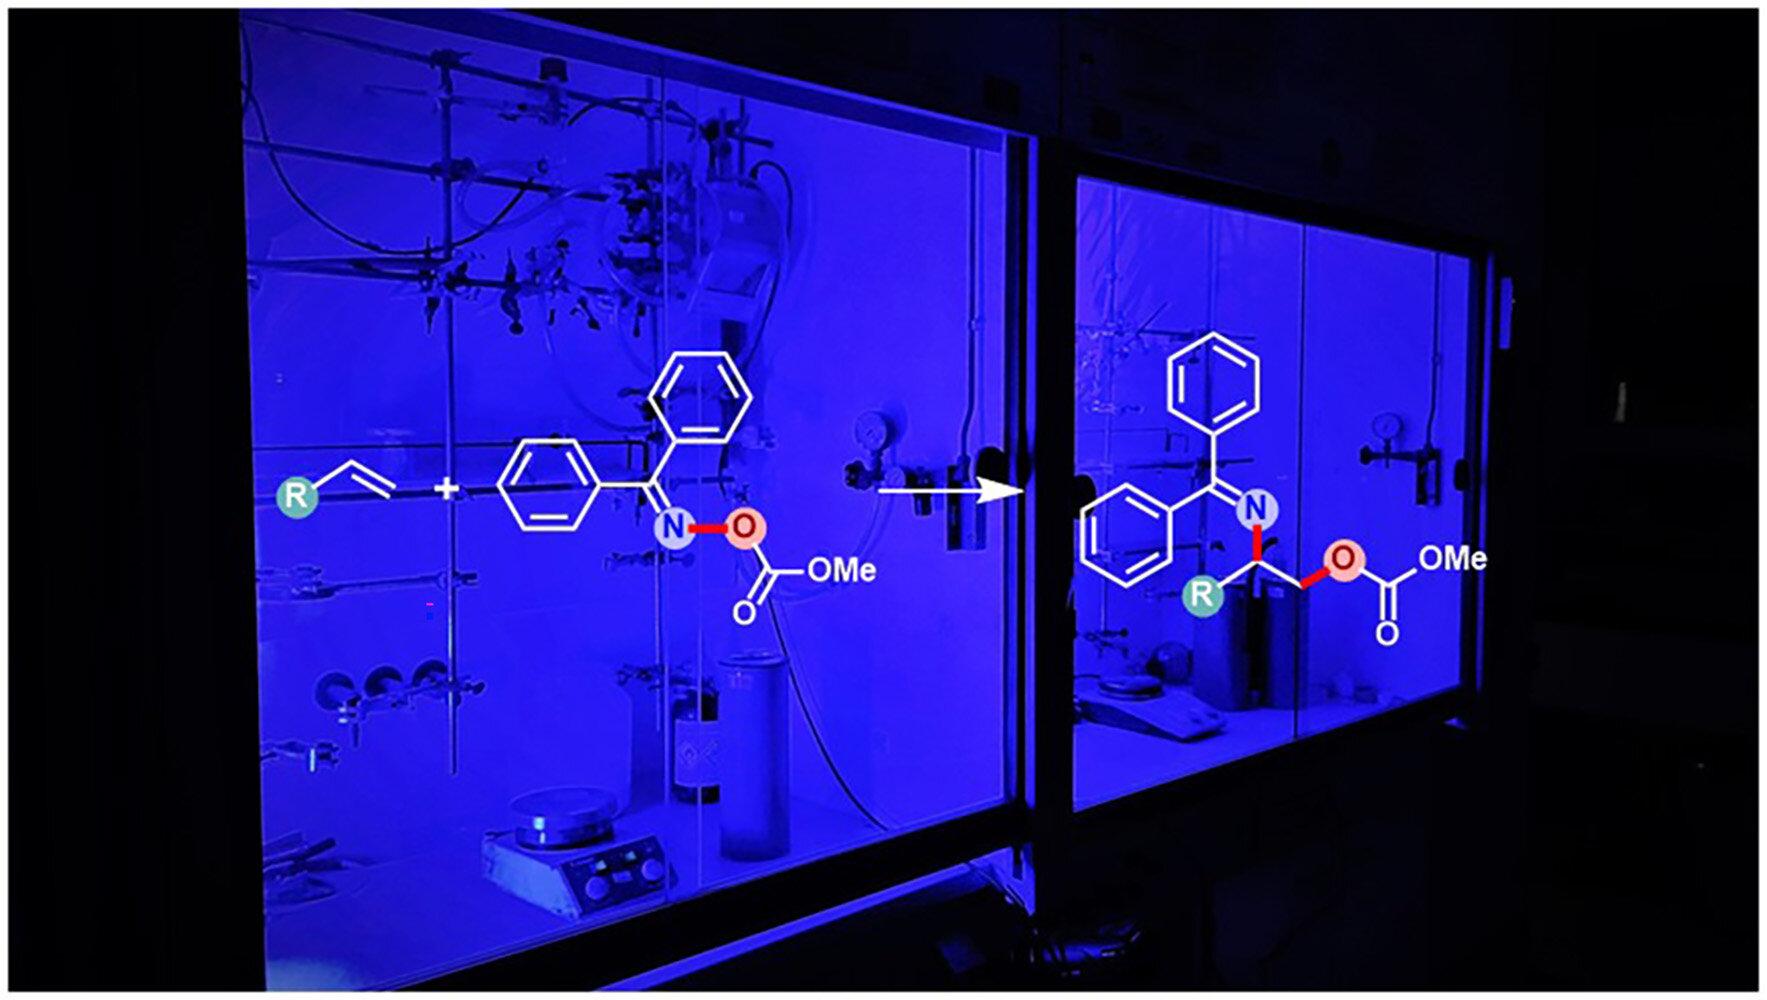 Kimyaçılar işıqdan istifadə edərək amin spirtlərini sintez etdilər